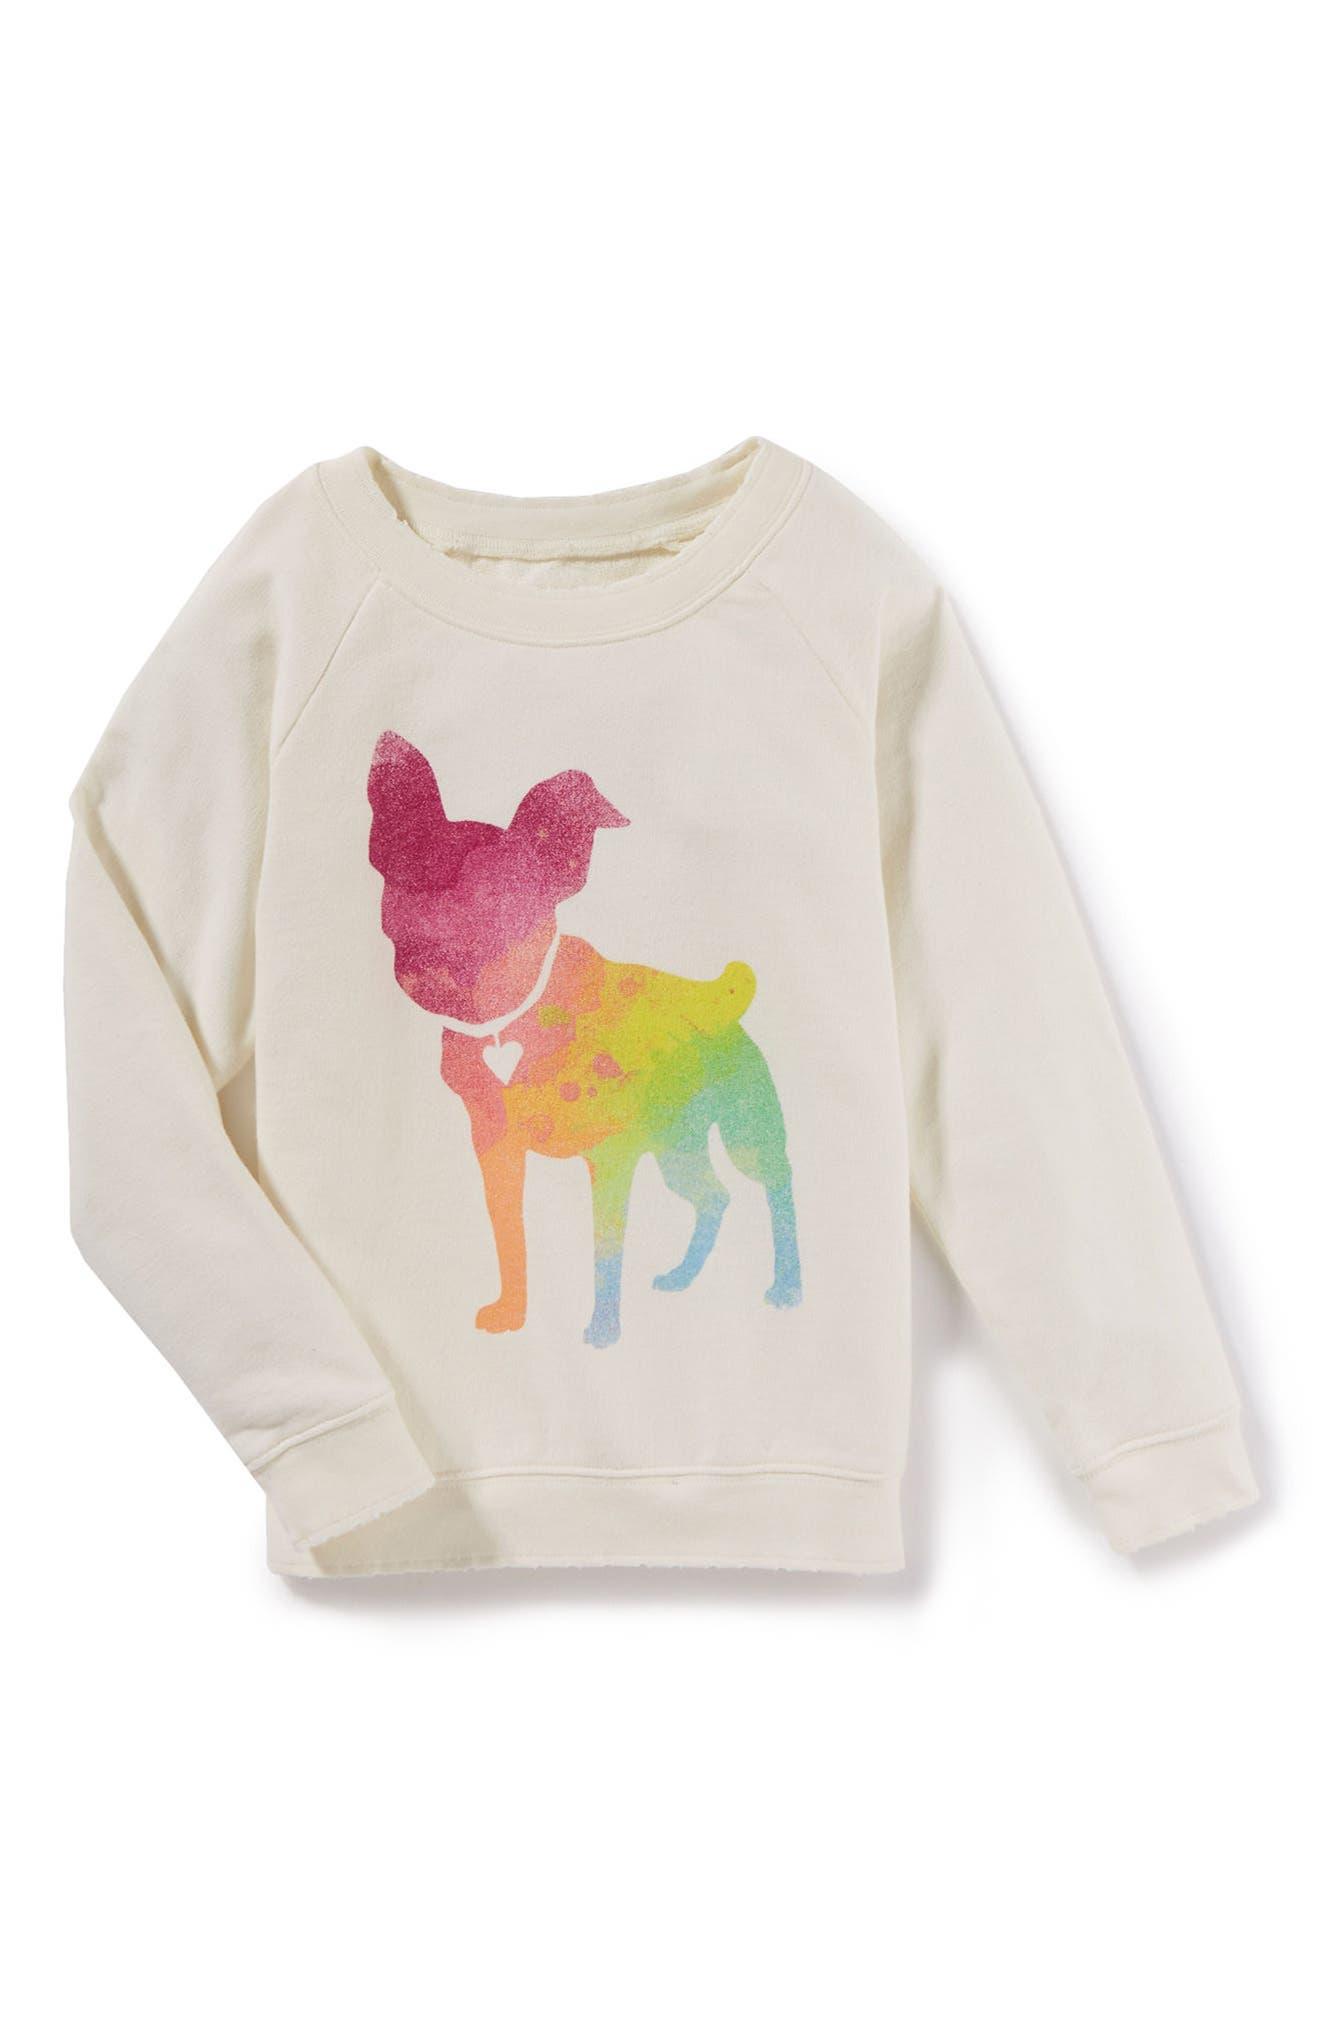 Main Image - Peek Colette Graphic Sweatshirt (Baby Girls)